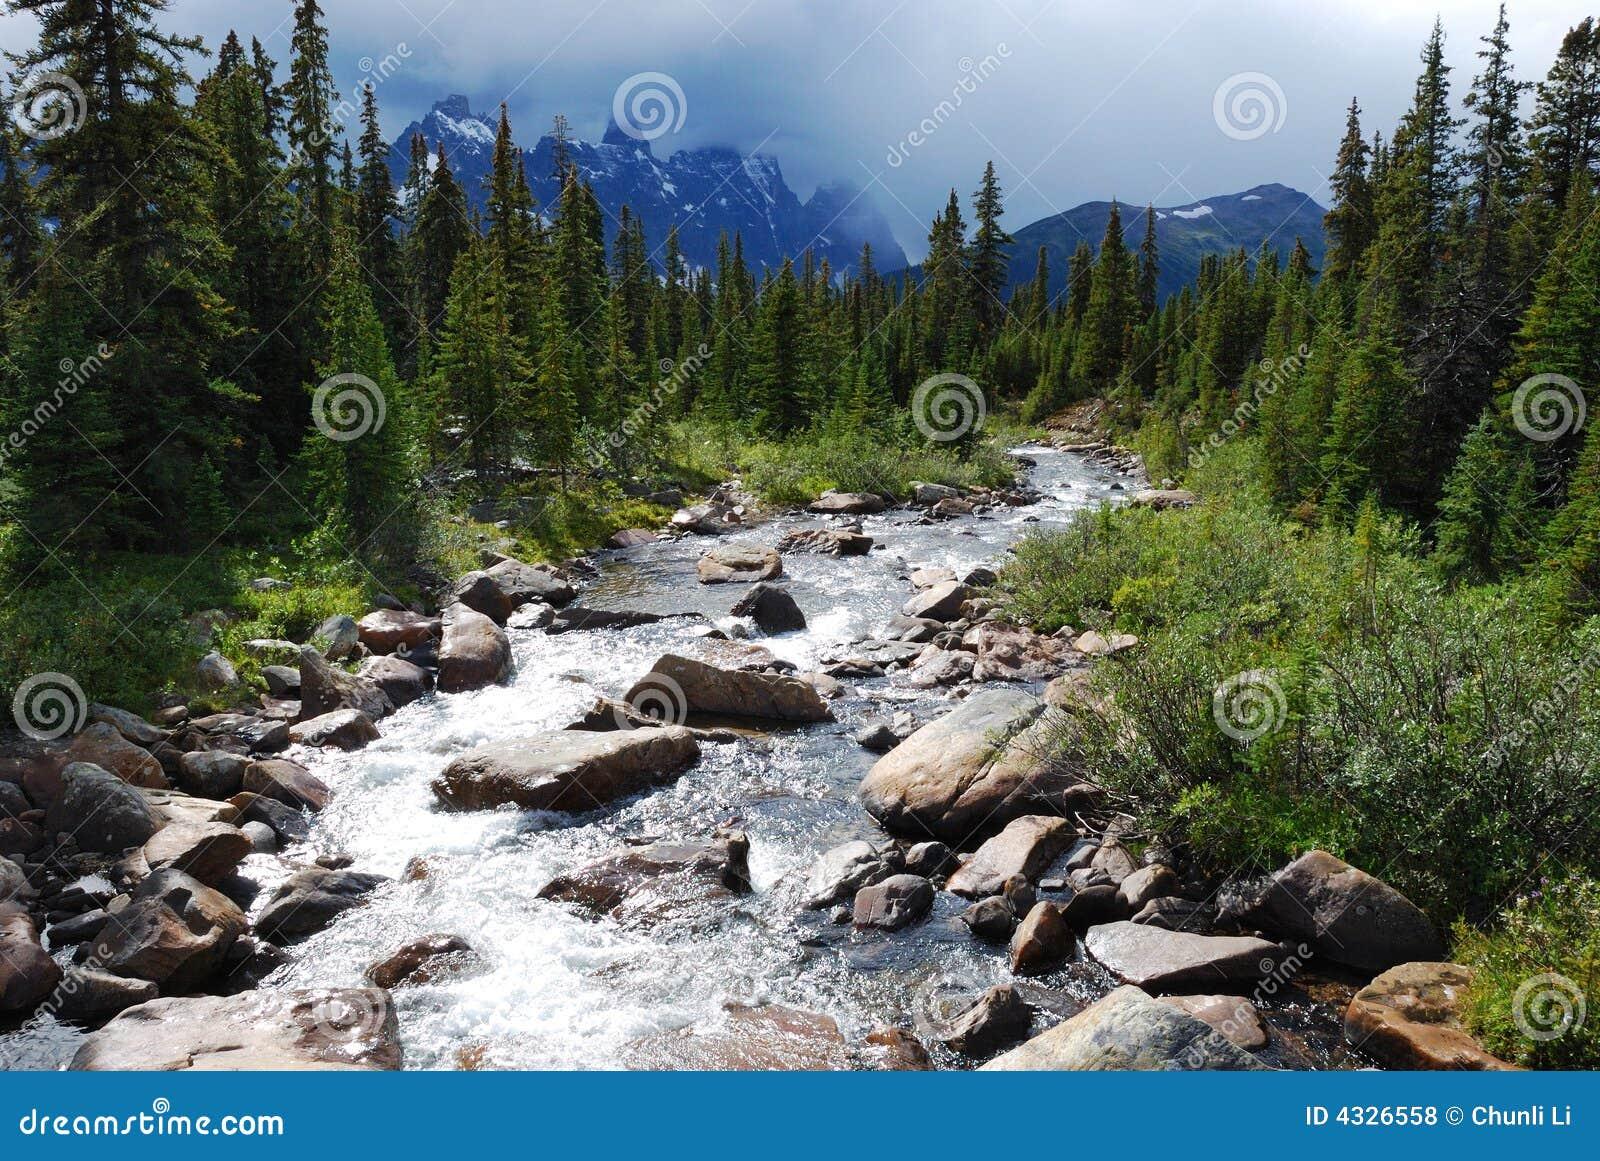 Rivers in Rockies